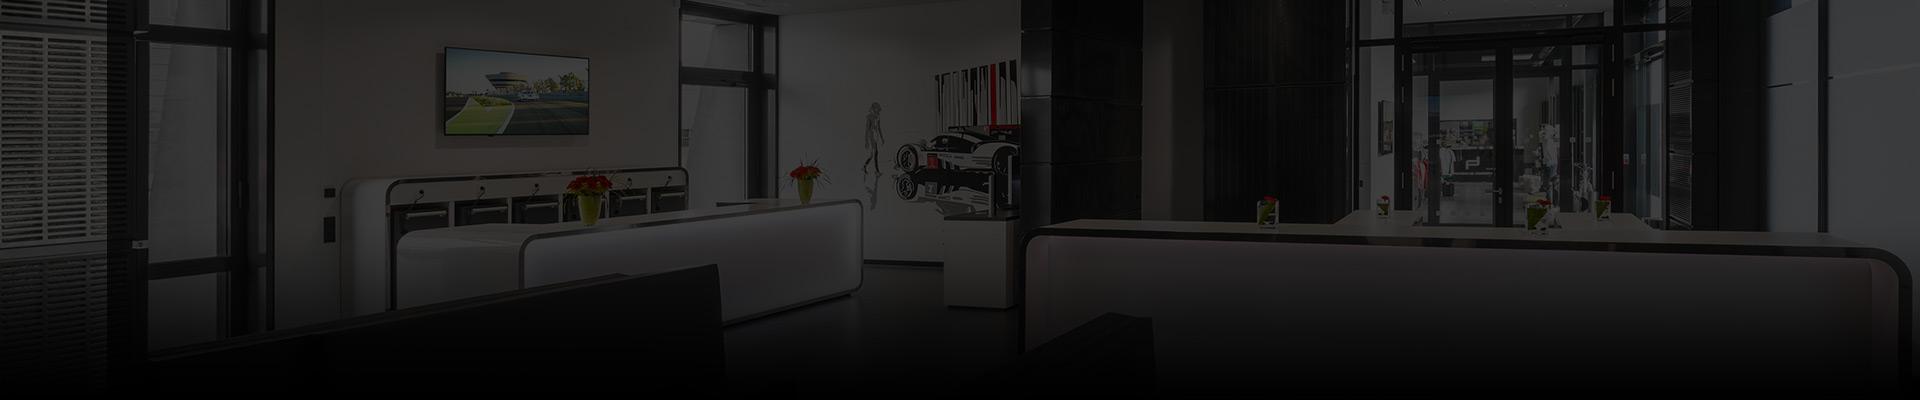 Porsche 718 GTS Modelle - Mehr Informationen